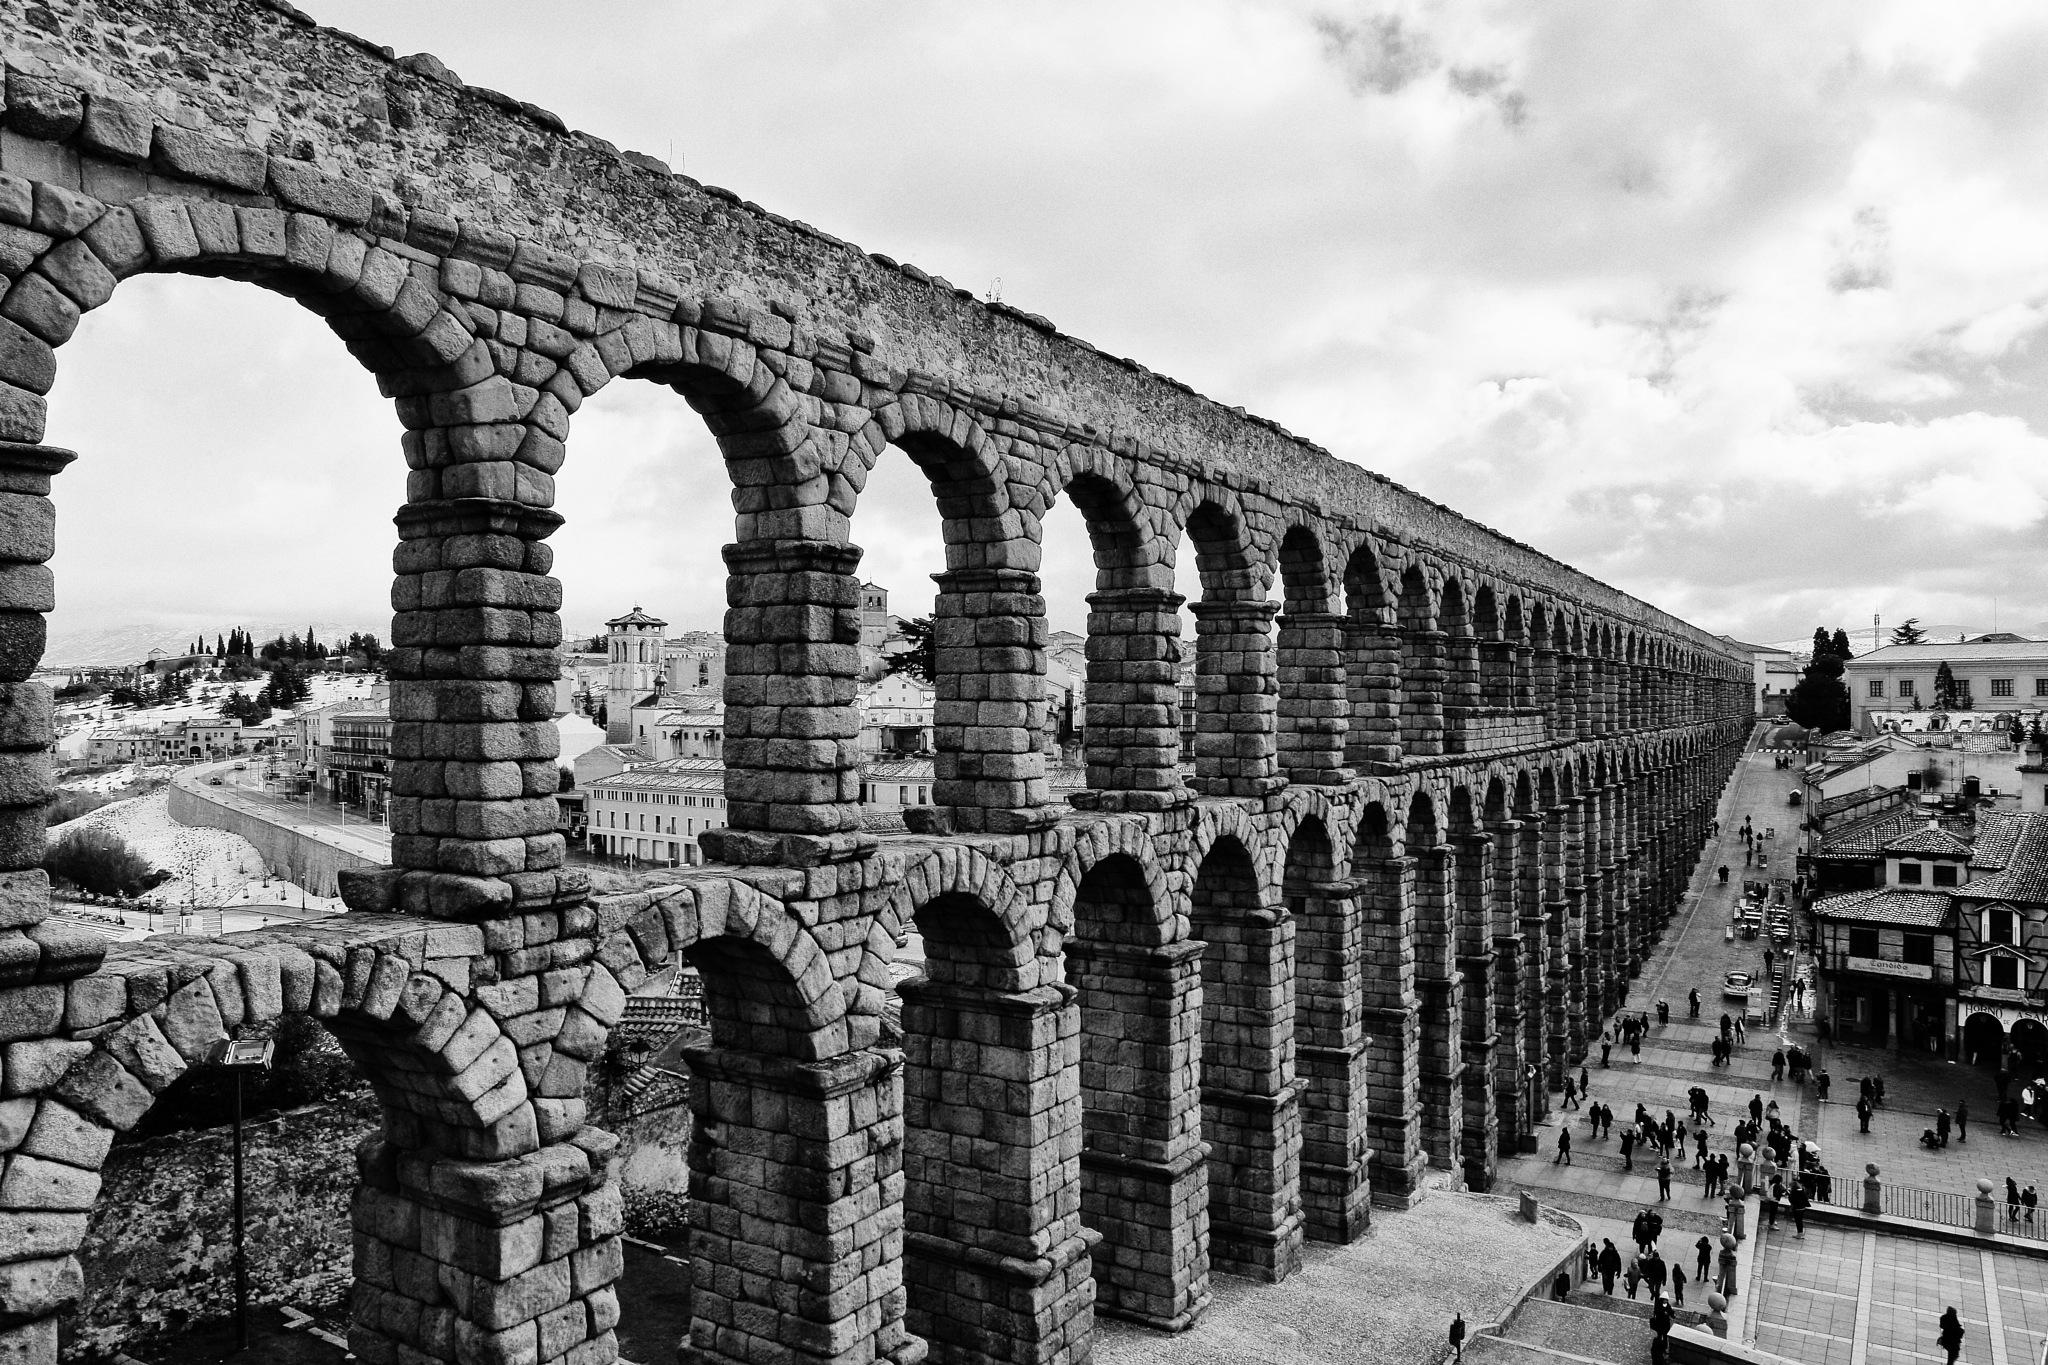 Aqueduct of Segovia by leecj0129